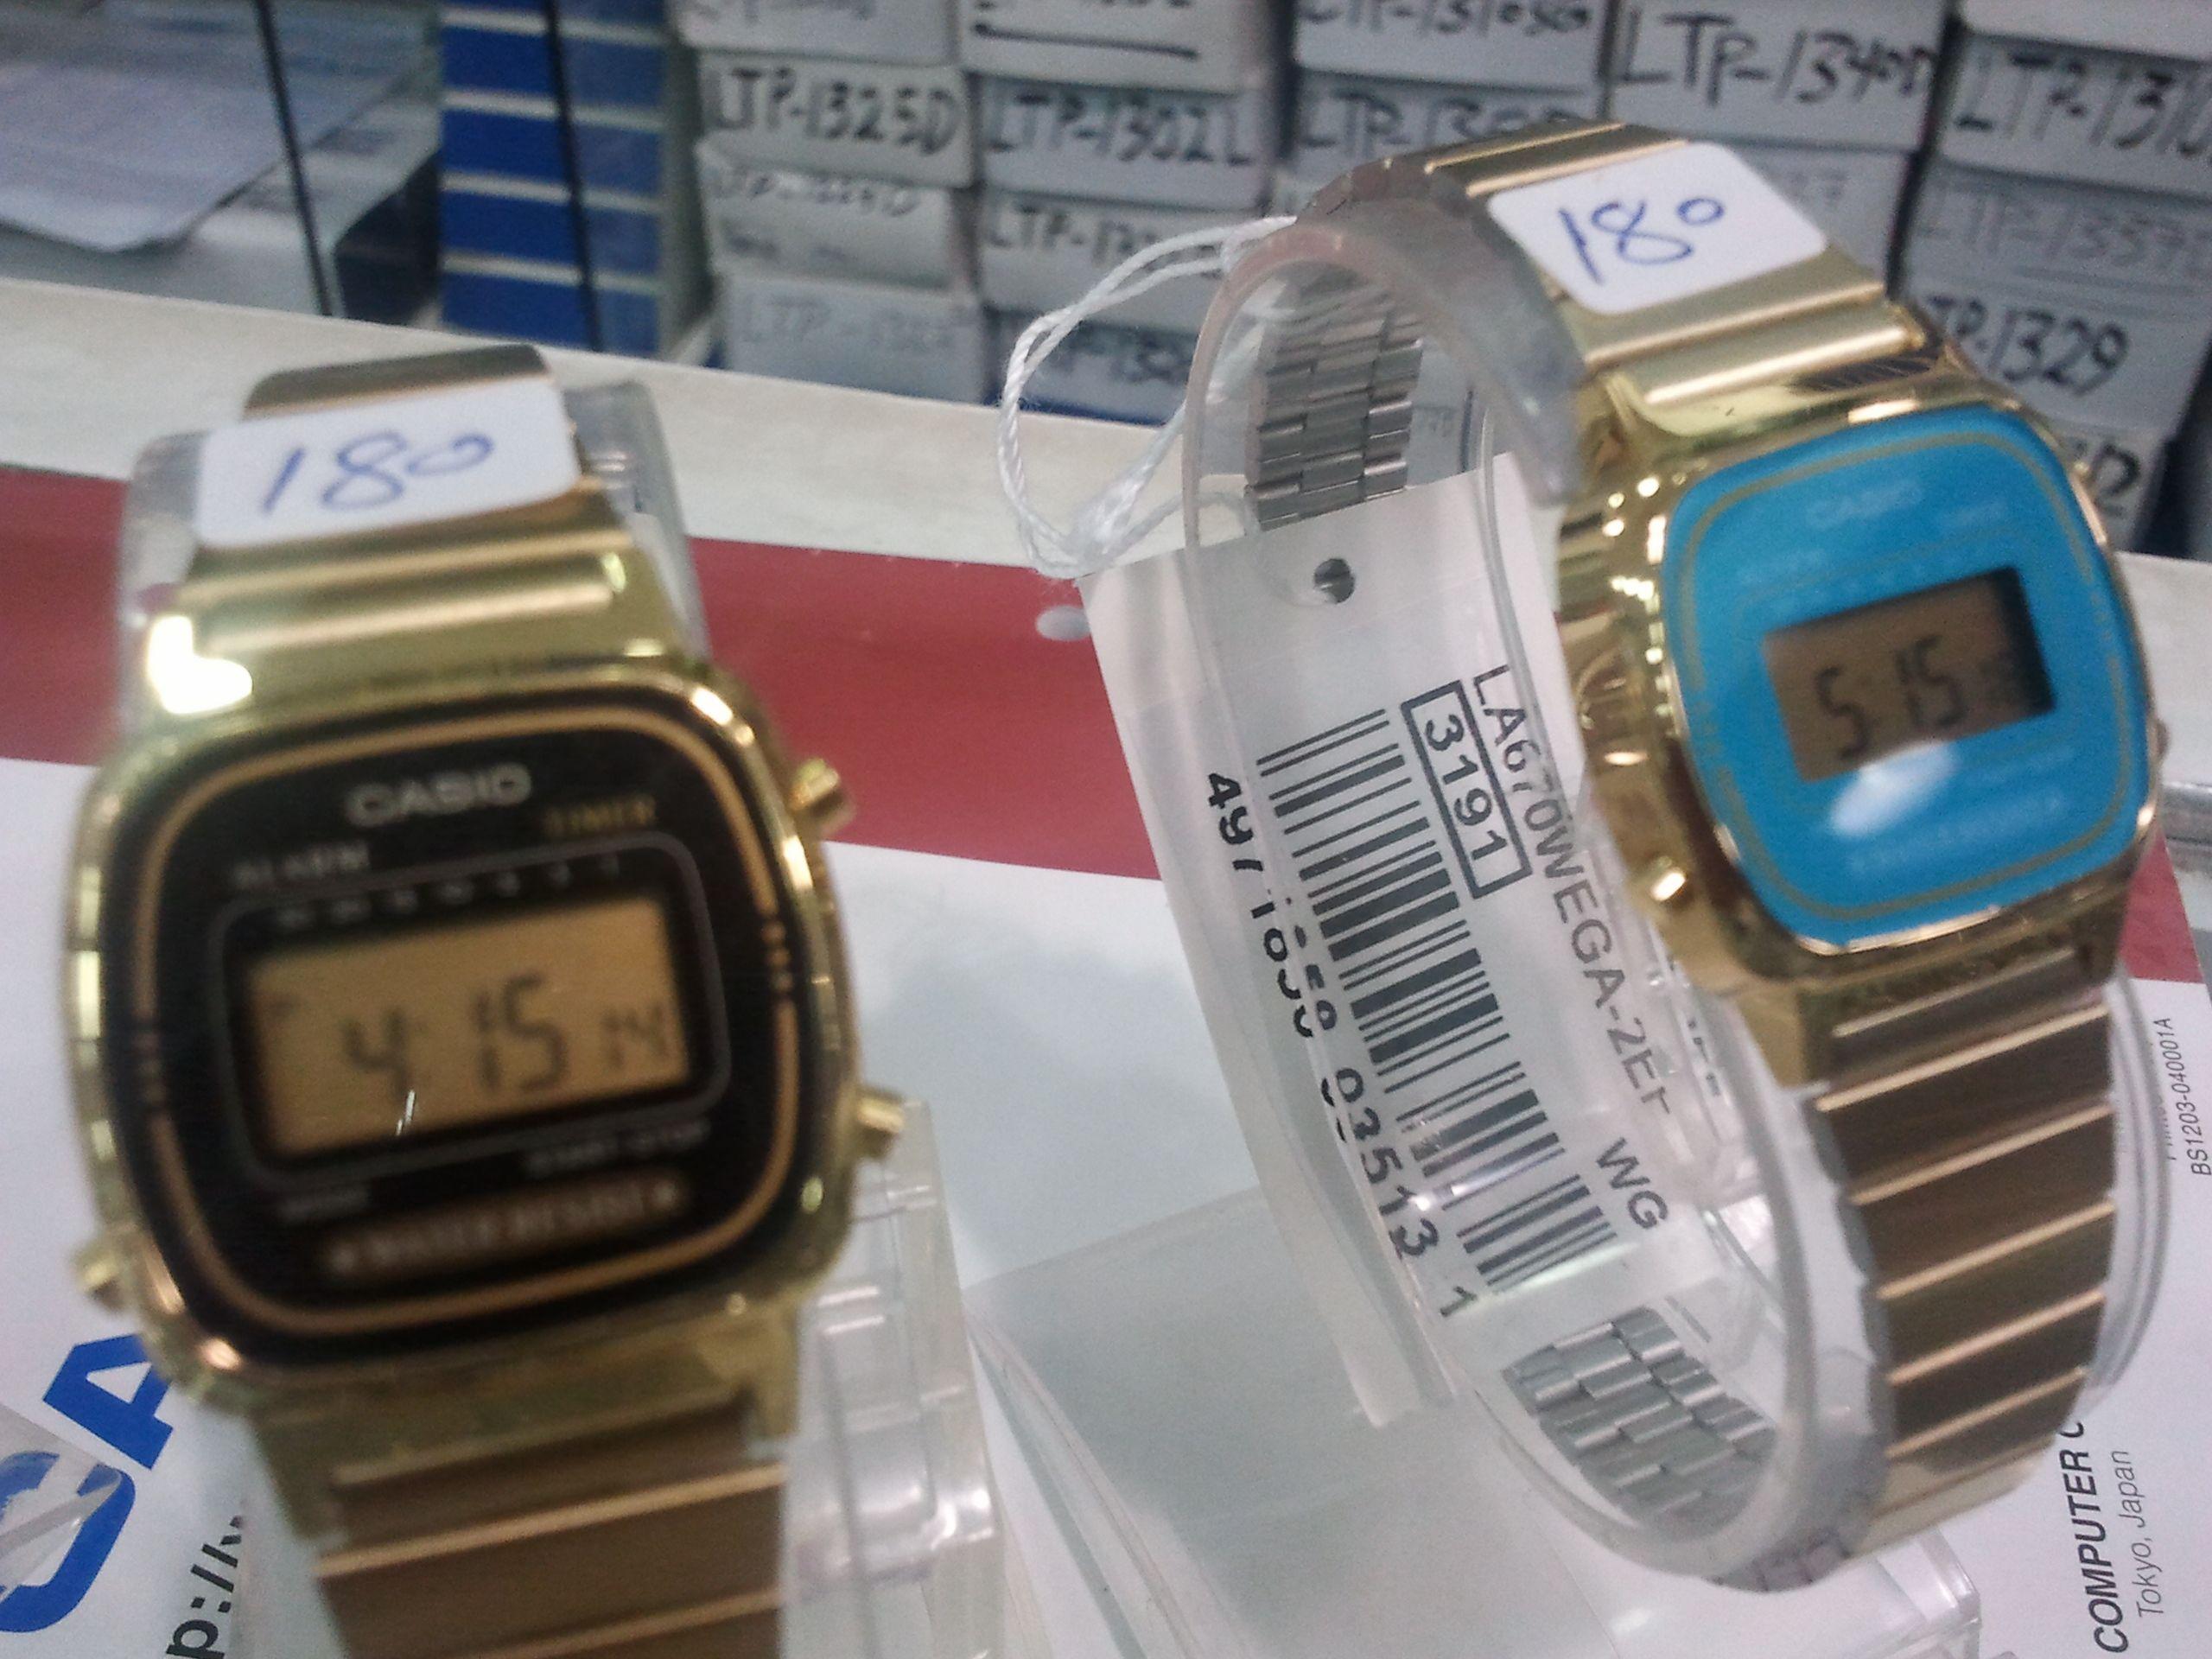 ساعة كاسيو الاصلي ضمان من الوكيل السعر 180 وللجملة اسعار خاصة Casio Watch Casio Gshock Watch